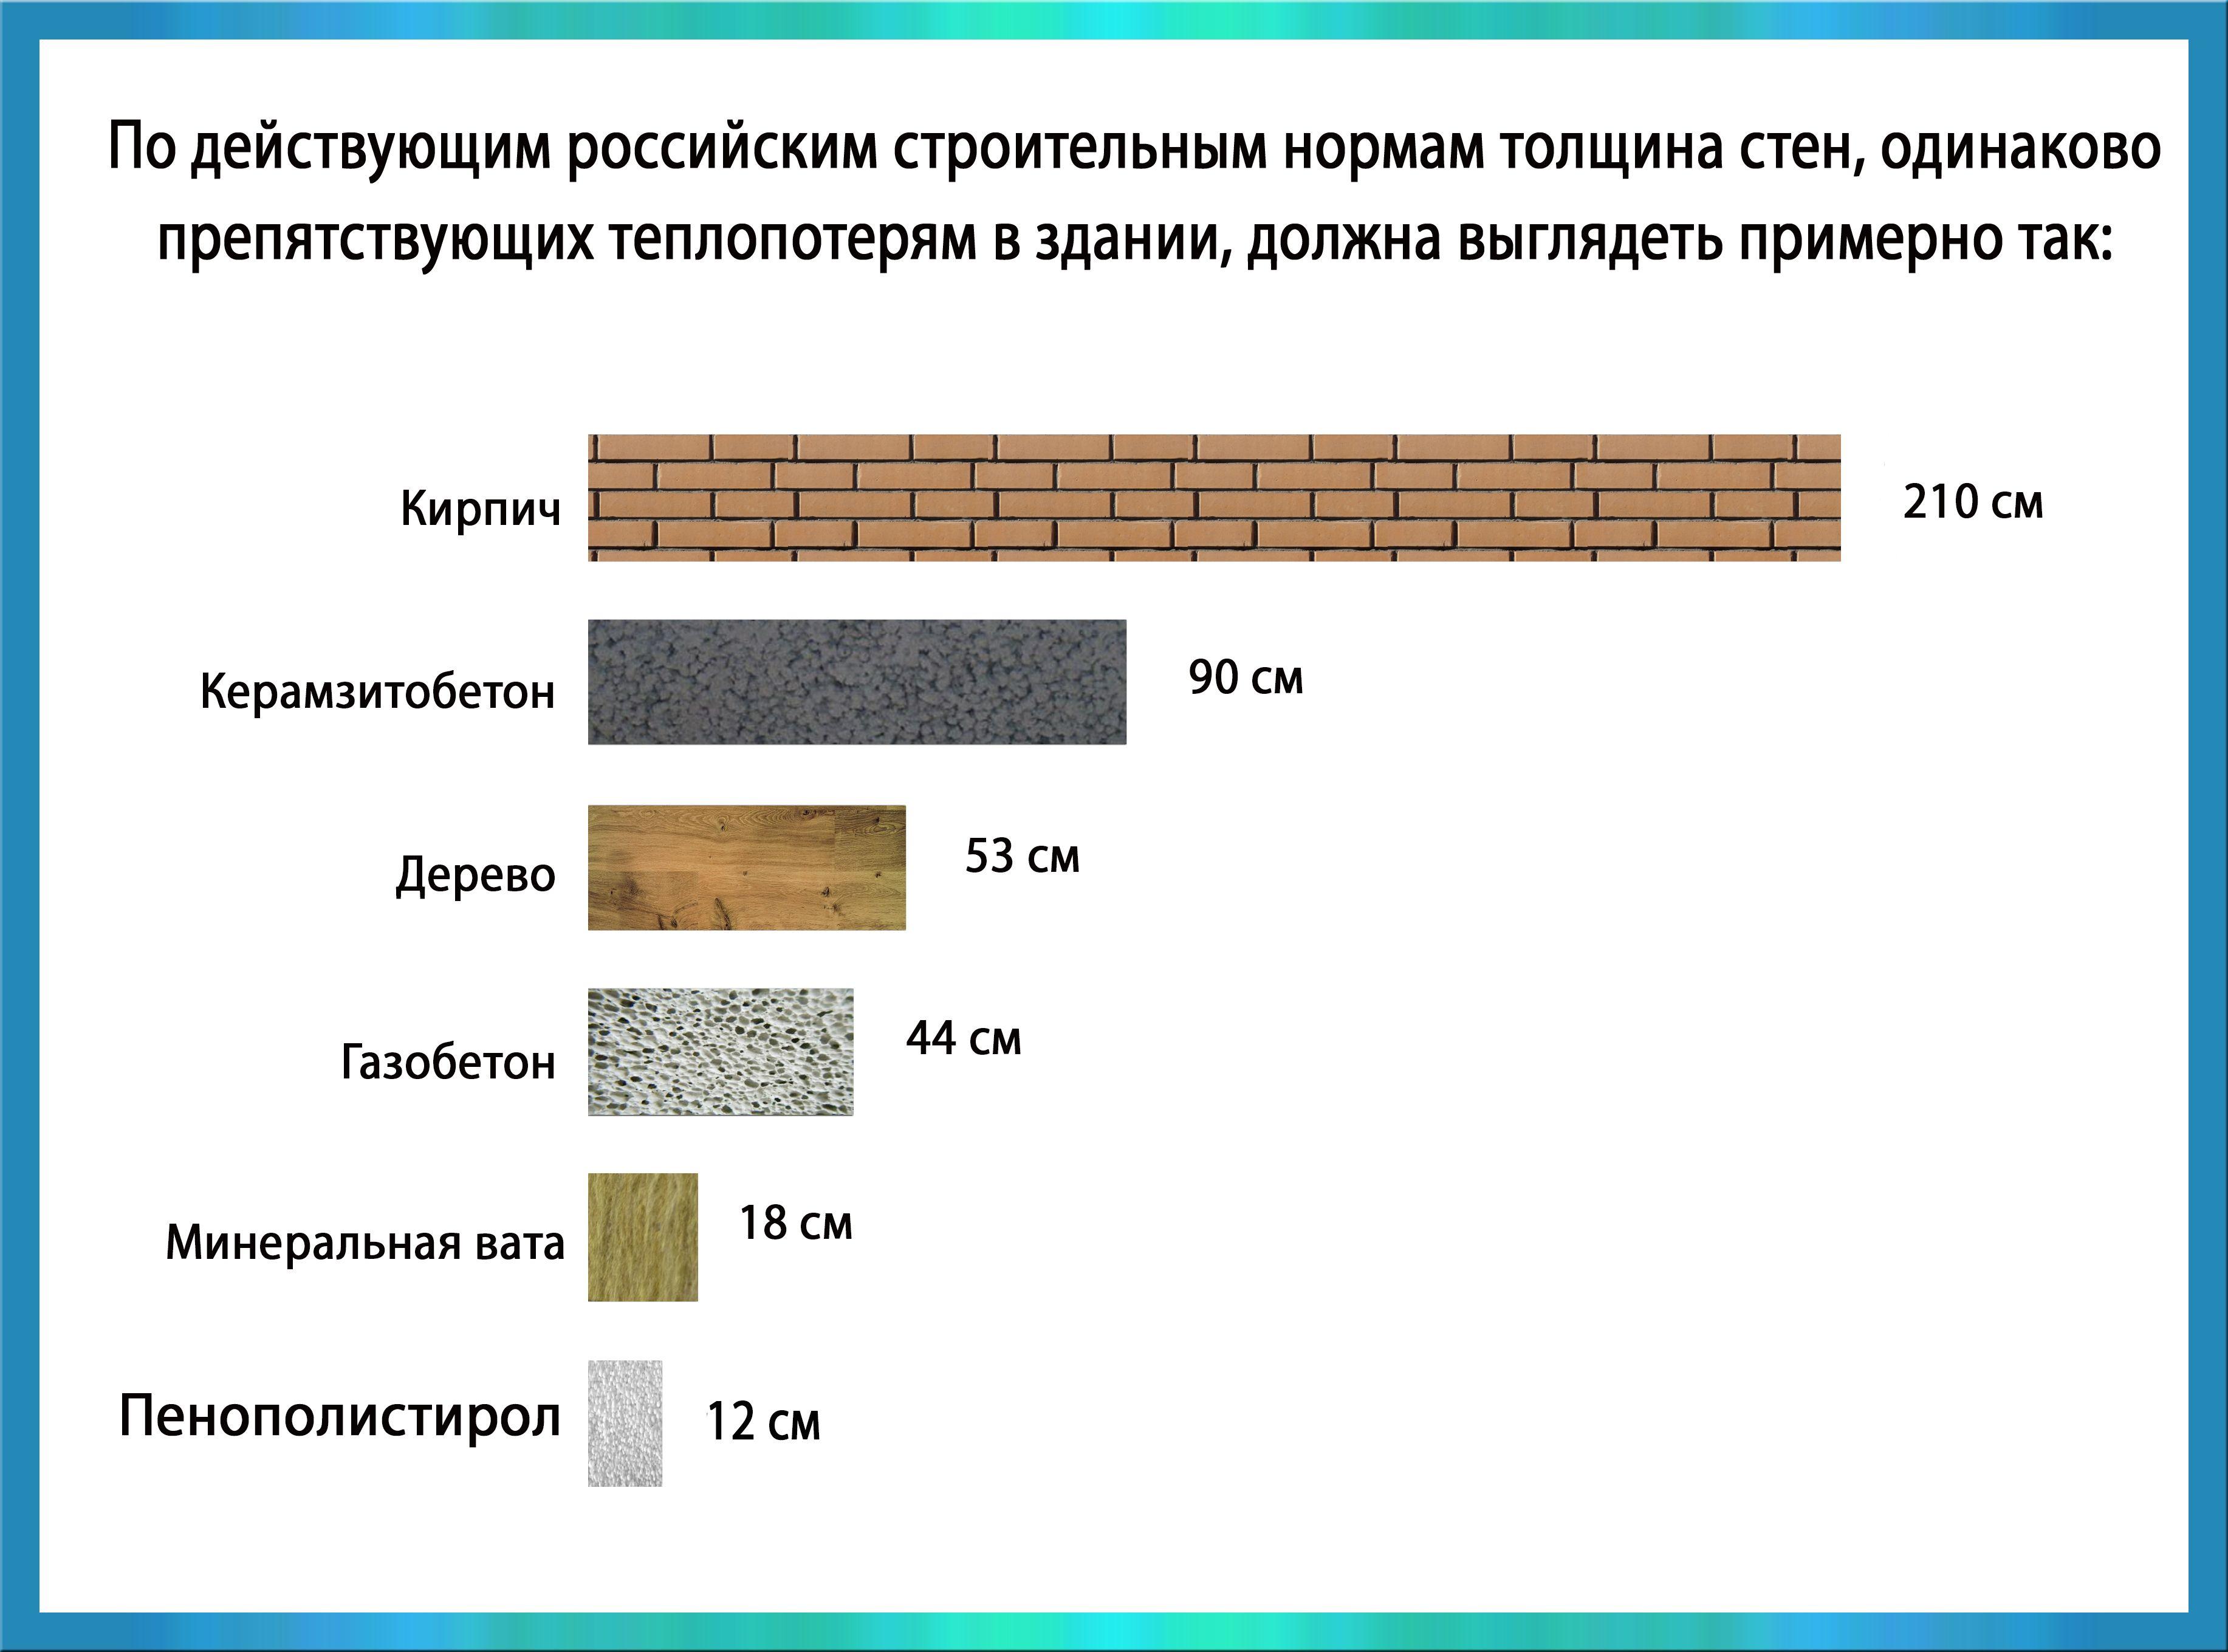 Таблица теплопроводности и других качеств утеплителей, сравнение популярных материалов для теплоизоляции